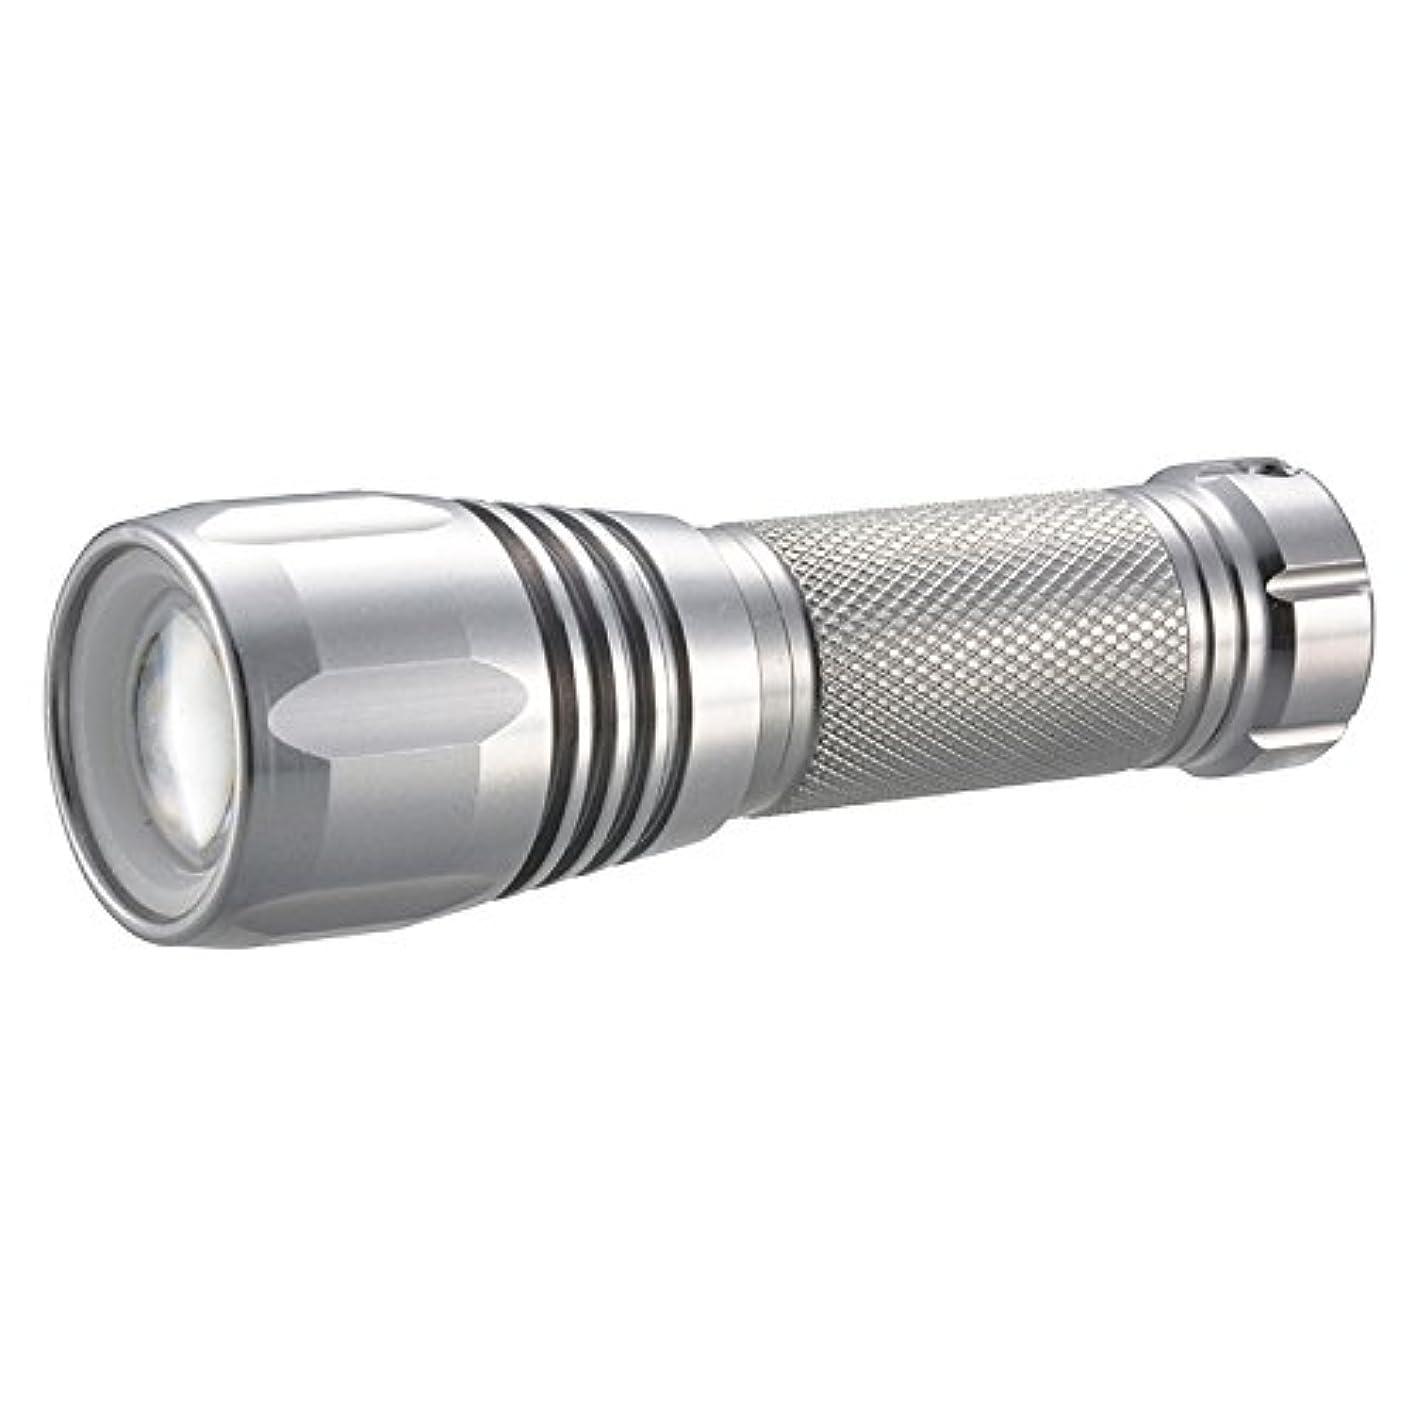 請求可能ぶどう公演懐中電灯 LEDズームライト 防水 IPX6 125lm 単3×1 LEDIANTOR ZOOM OHM LHA-DA312ZI-S 07-9695 オーム電機